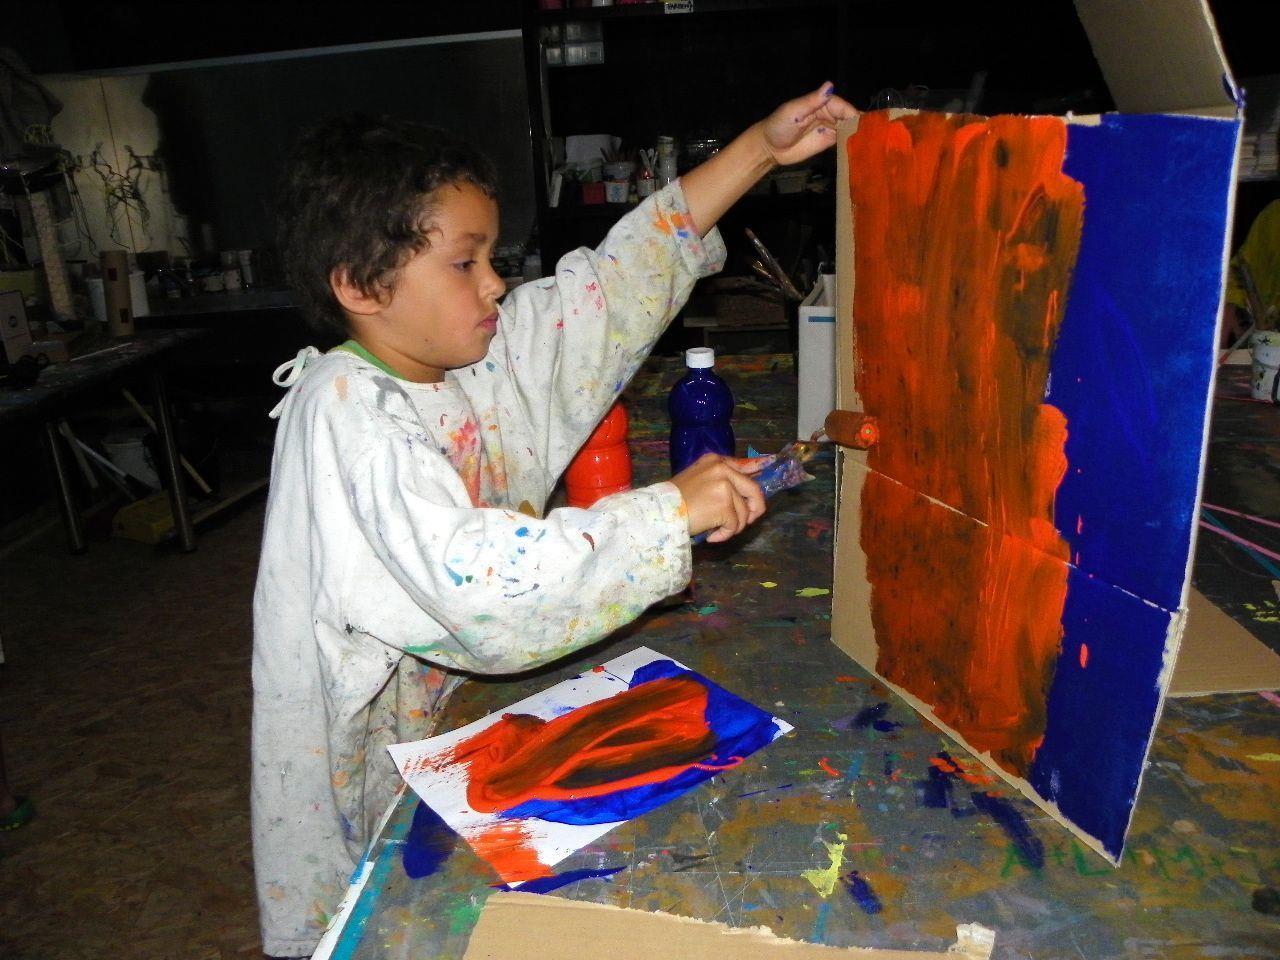 Früh übt sich, wer ein Künstler werden will